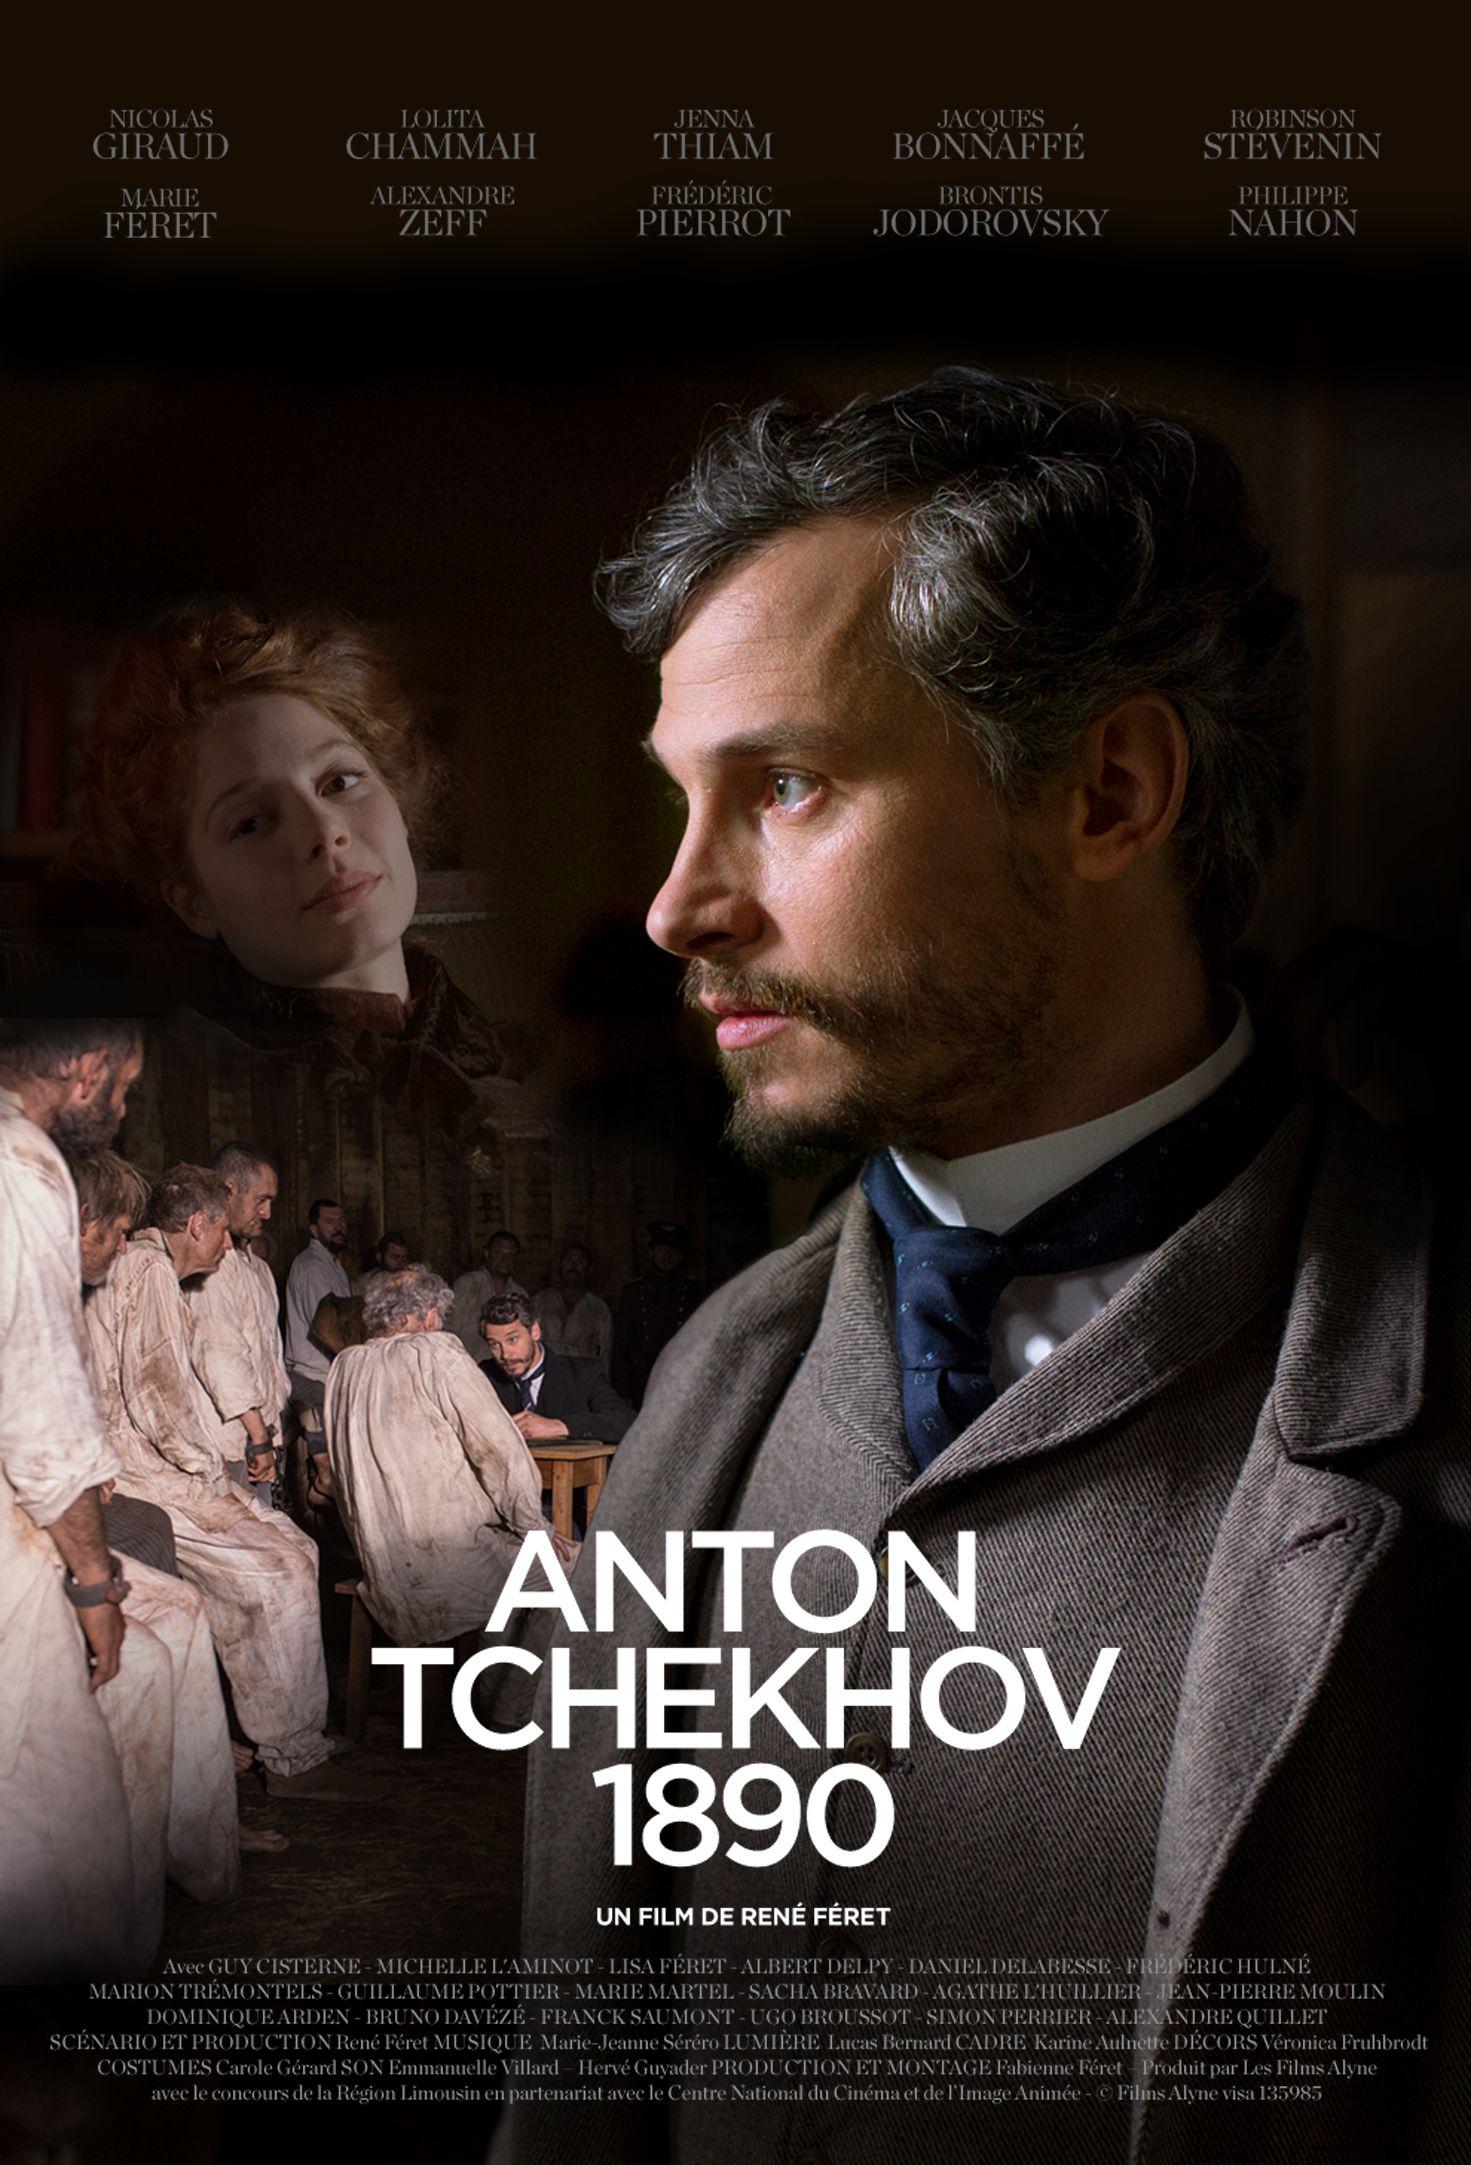 Anton Tchékhov 1890 - Film (2015)